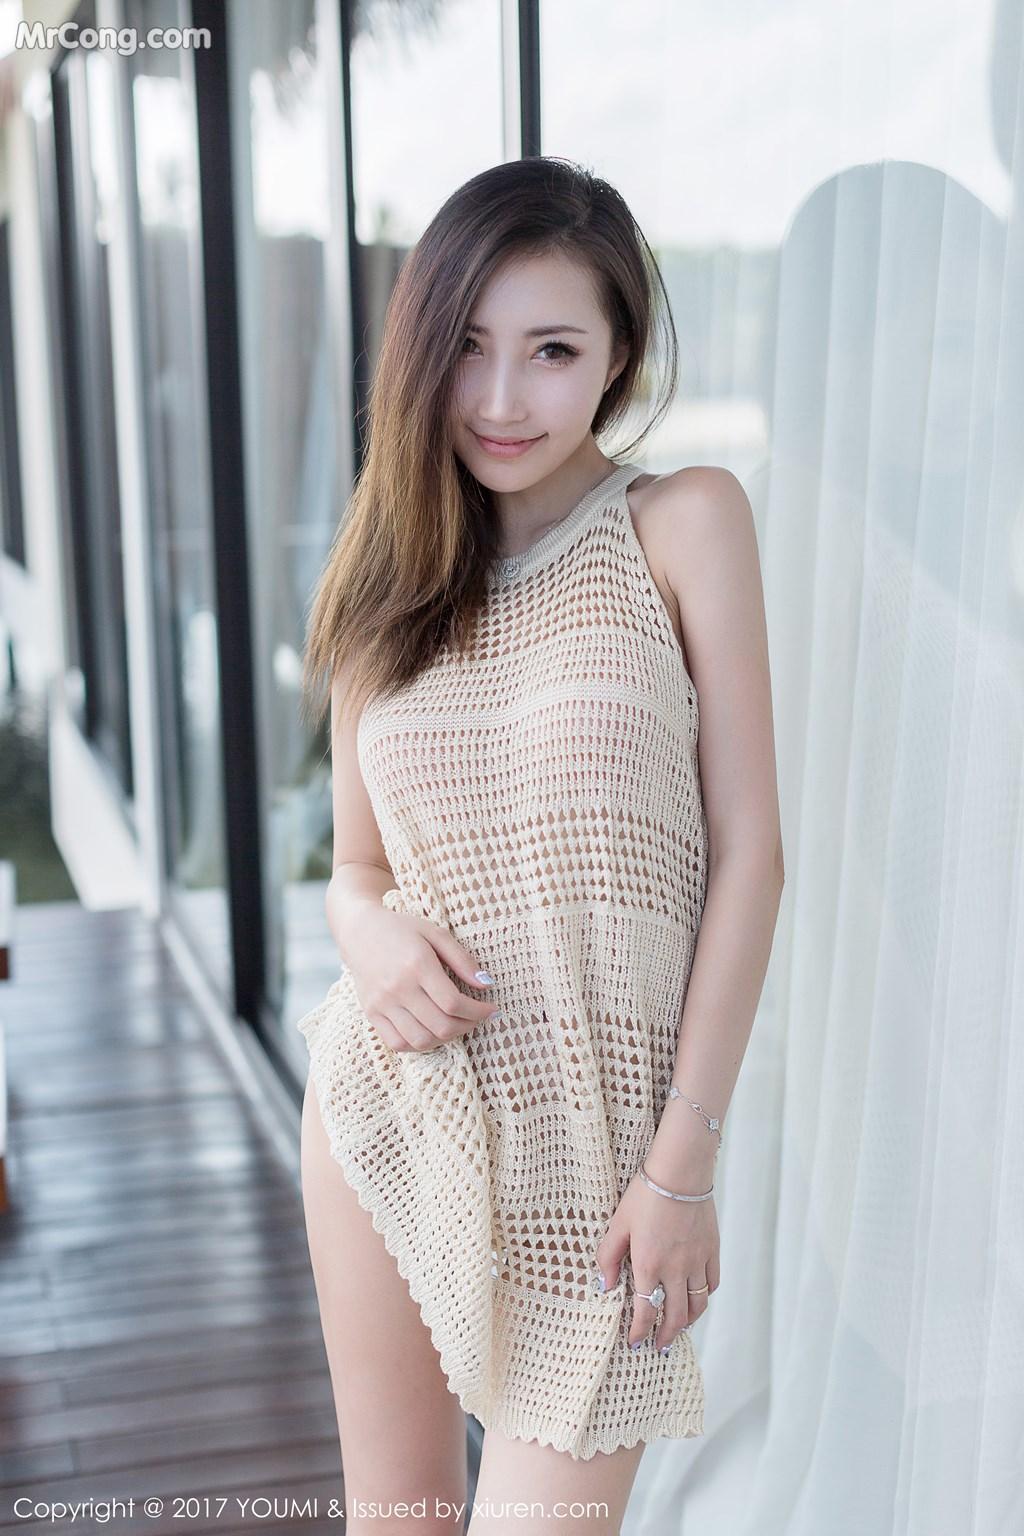 Image YouMi-Vol.100-Yumi-MrCong.com-009 in post YouMi Vol.100: Người mẫu Yumi (尤美) (42 ảnh)